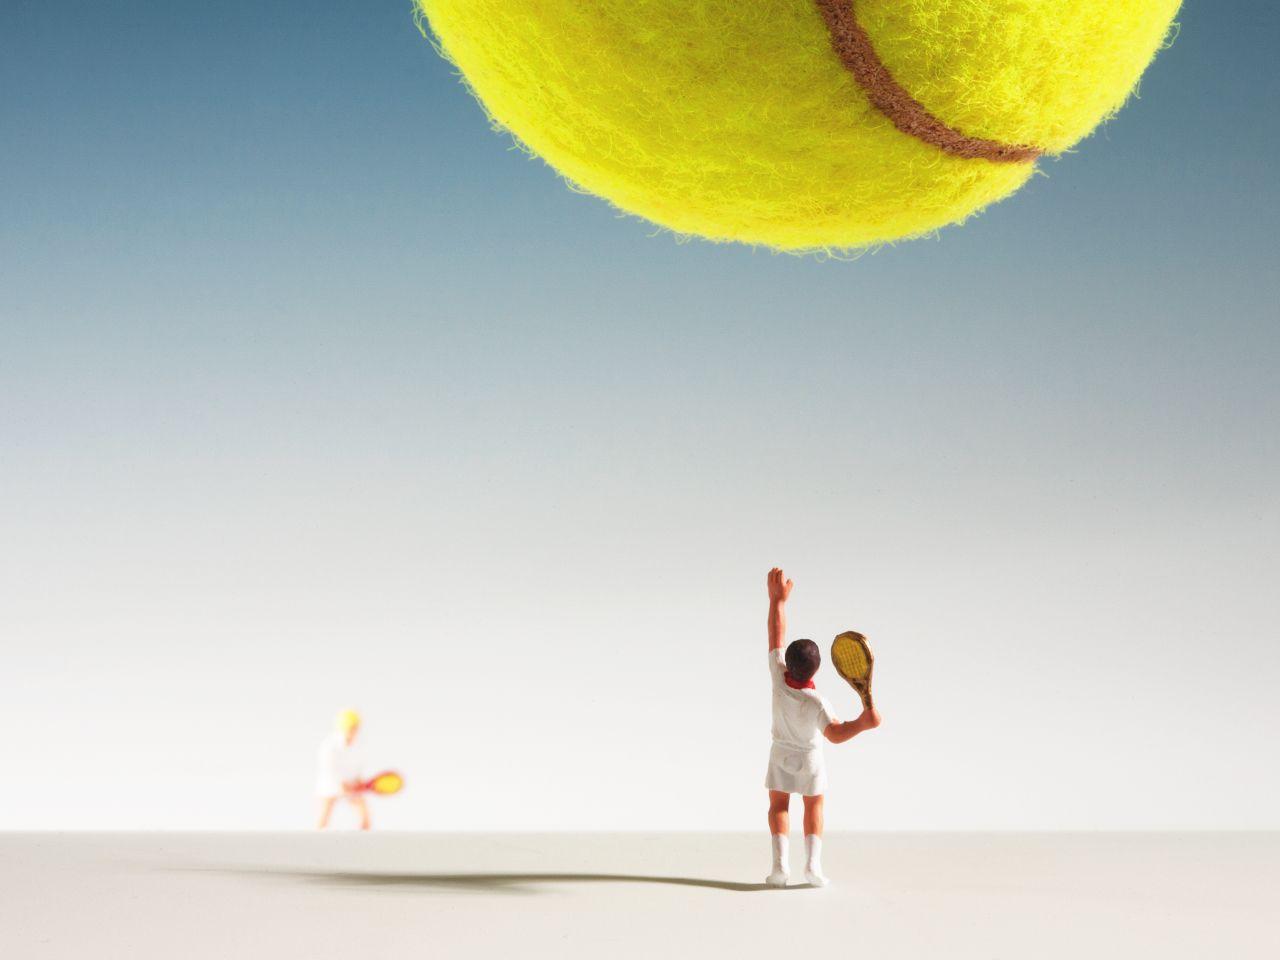 """Makro-Kunstfotos mit den sogenannten """"Kleinen Leuten"""" sind immer weider faszinierend anzuschauen. Dieser kleine Miniatur-Tennisspieler schägt zum Ass…"""